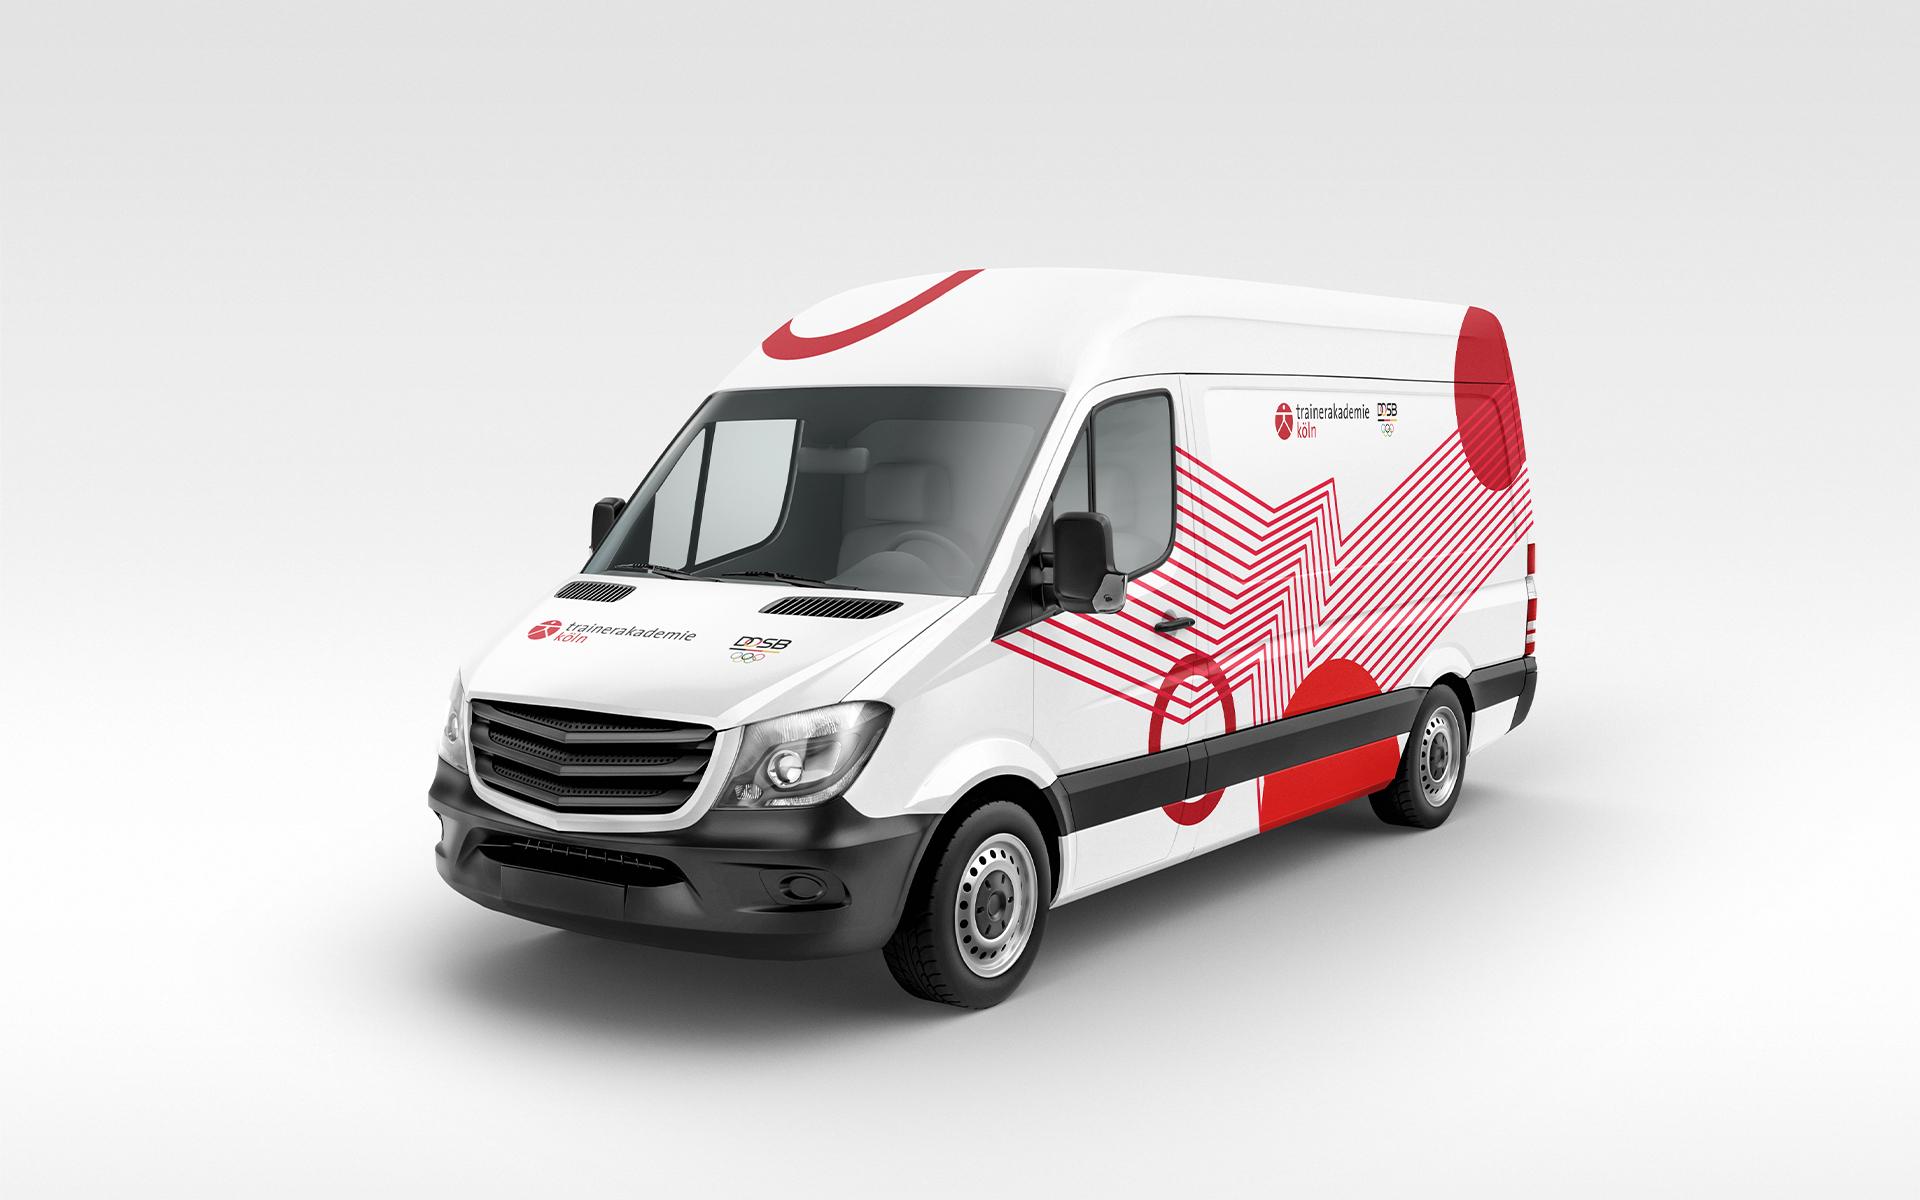 Trainerakademie Köln Corporate Design, Beschriftung der Fahrzeuge